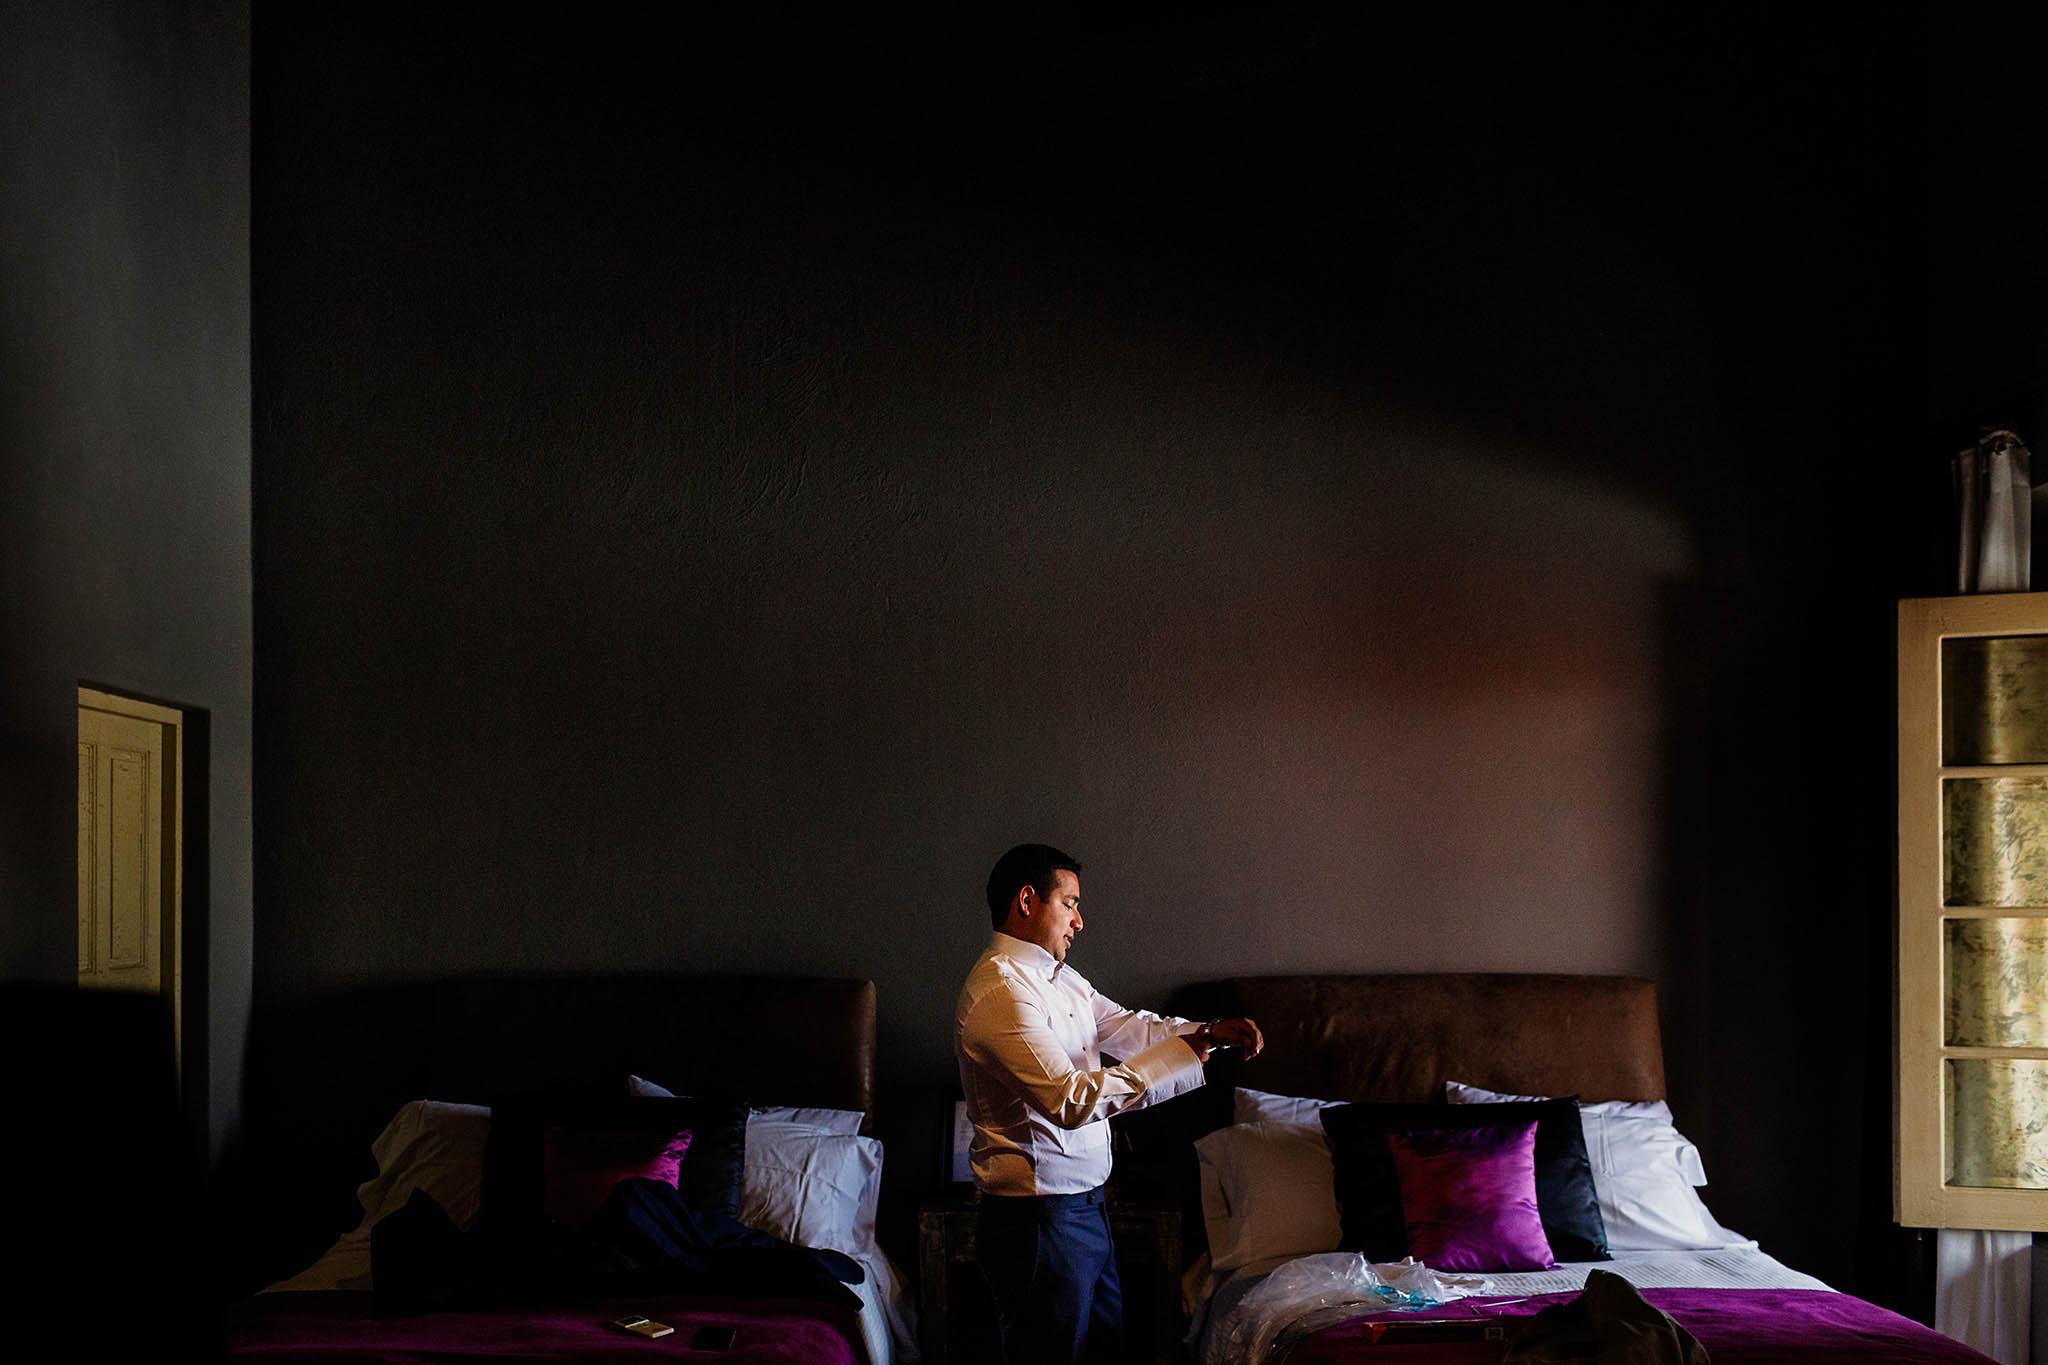 Habitaciones del hotel Nena San Miguel de Allende